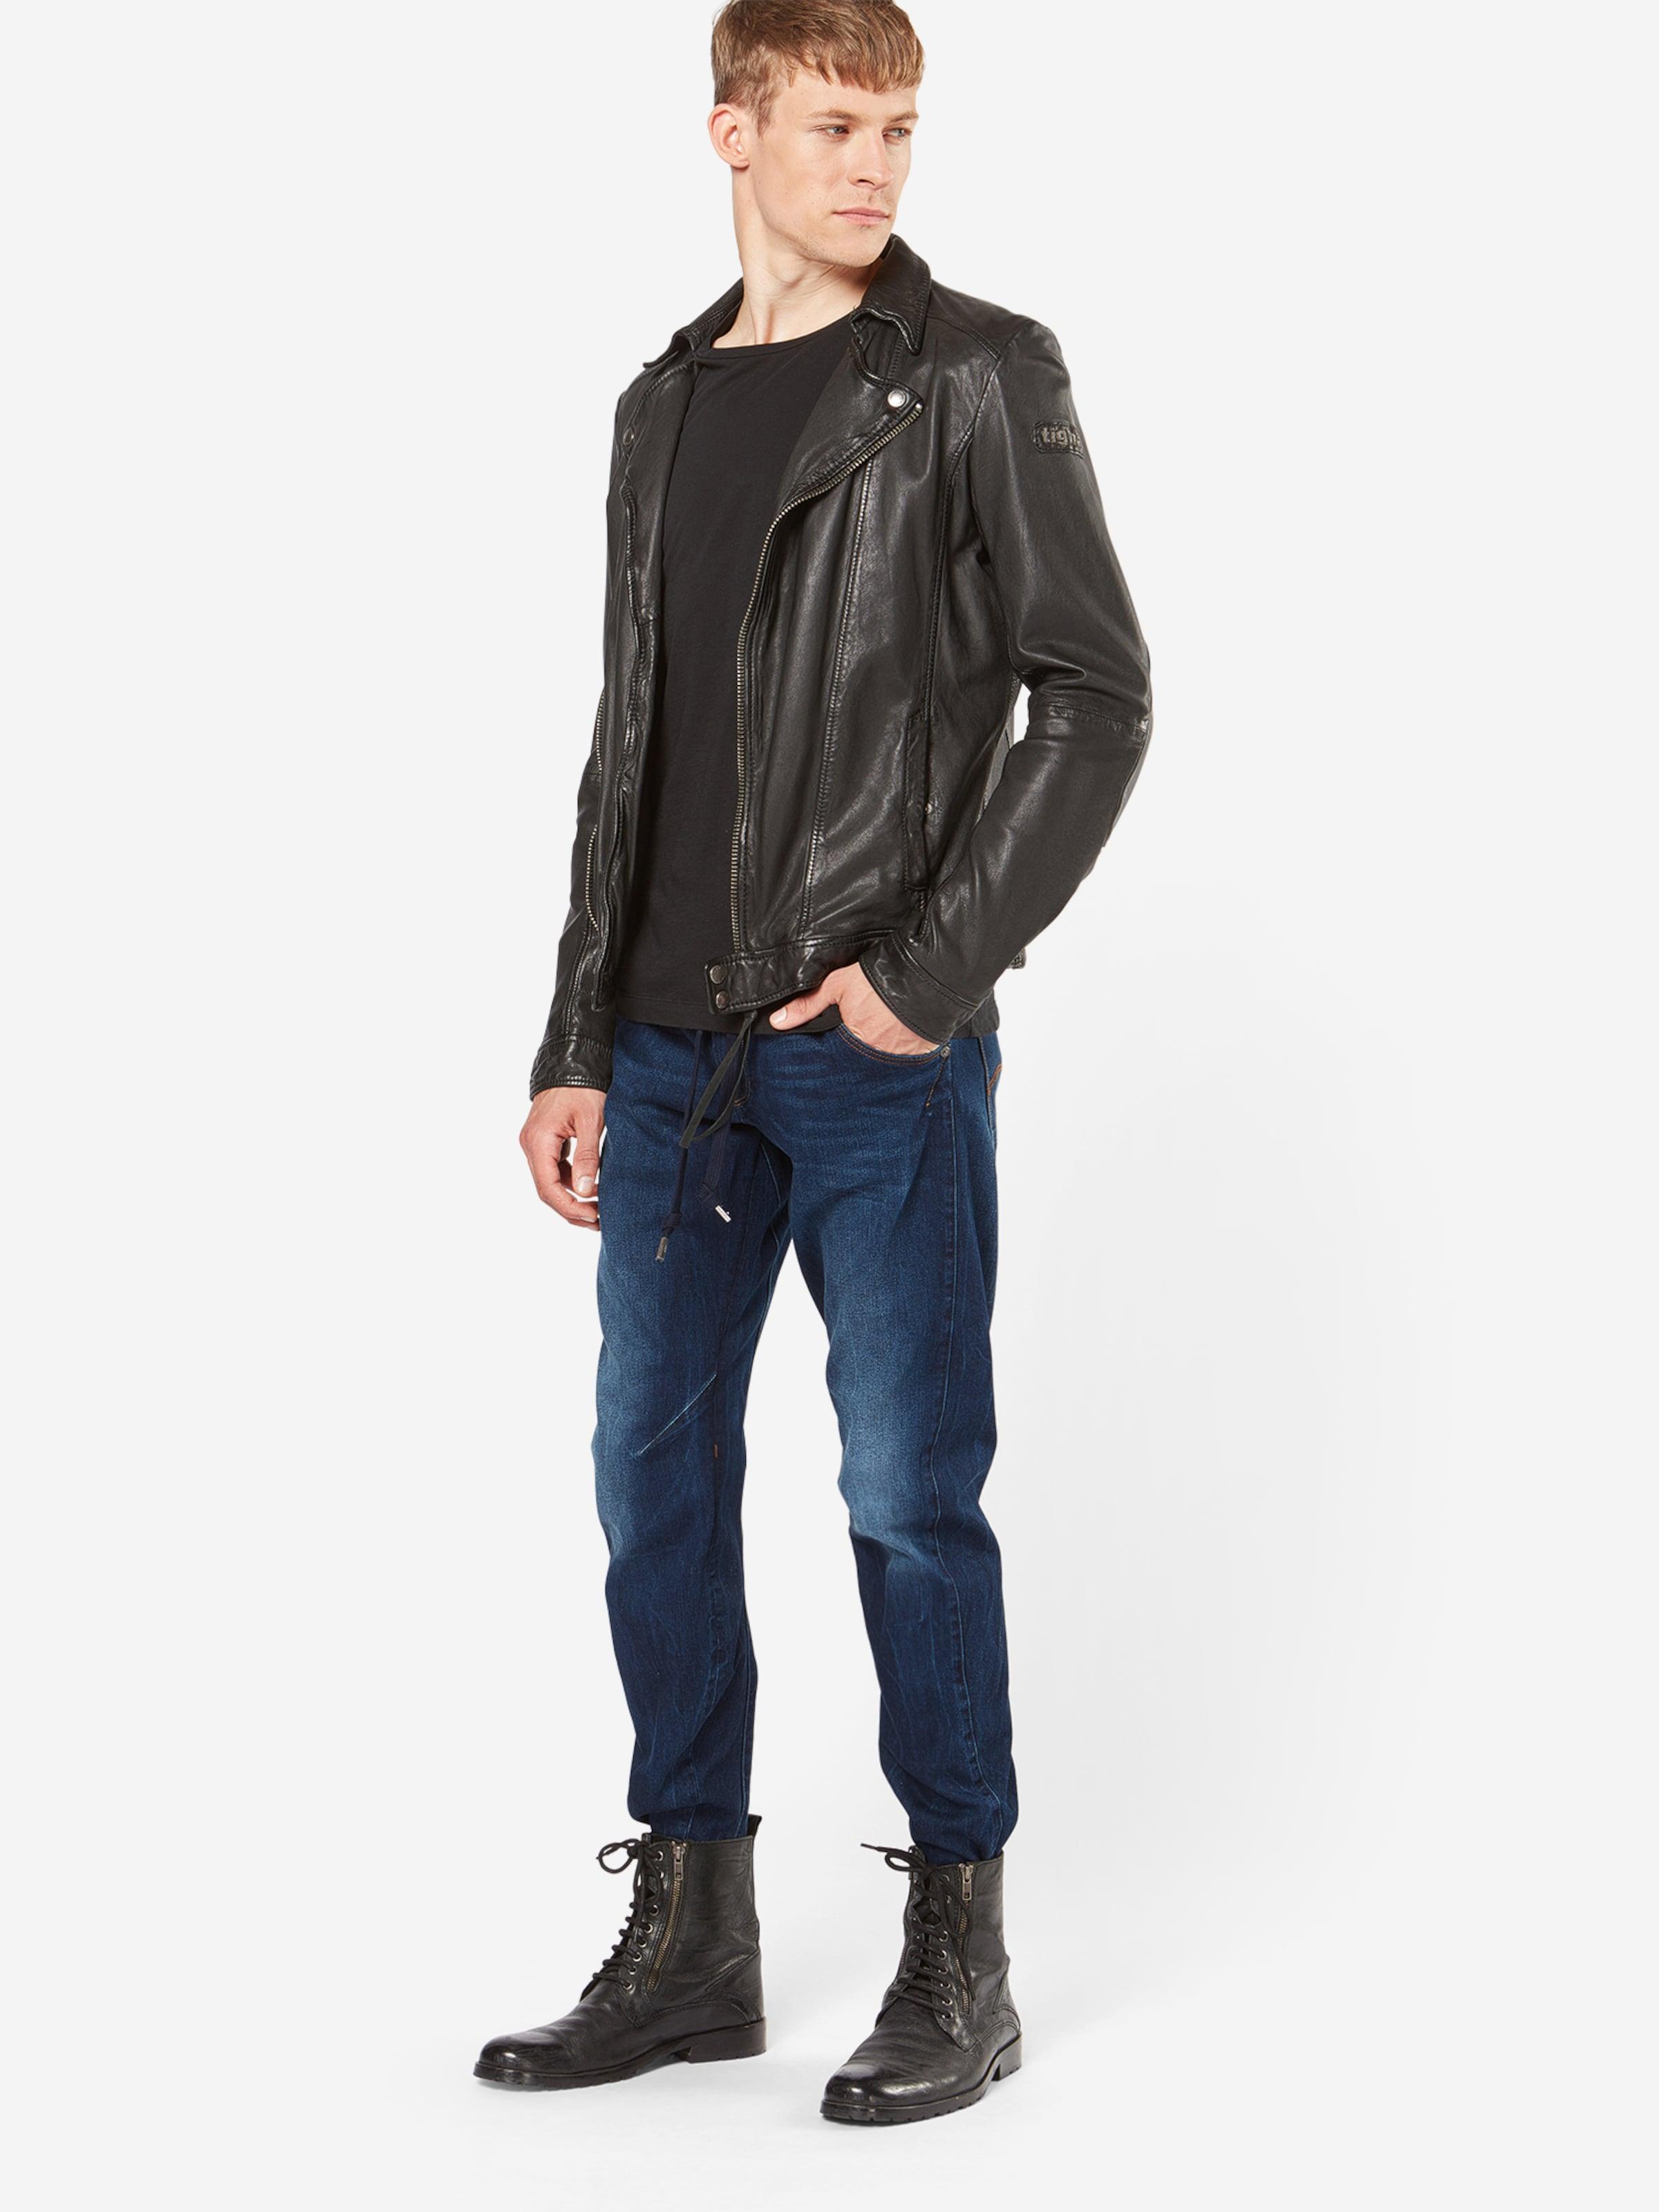 Ebay Günstiger Preis G-STAR RAW Jogg-Jeans Billige Browse Ausverkauf Spielraum Shop Online-Verkauf Fabrikverkauf bW6zAR